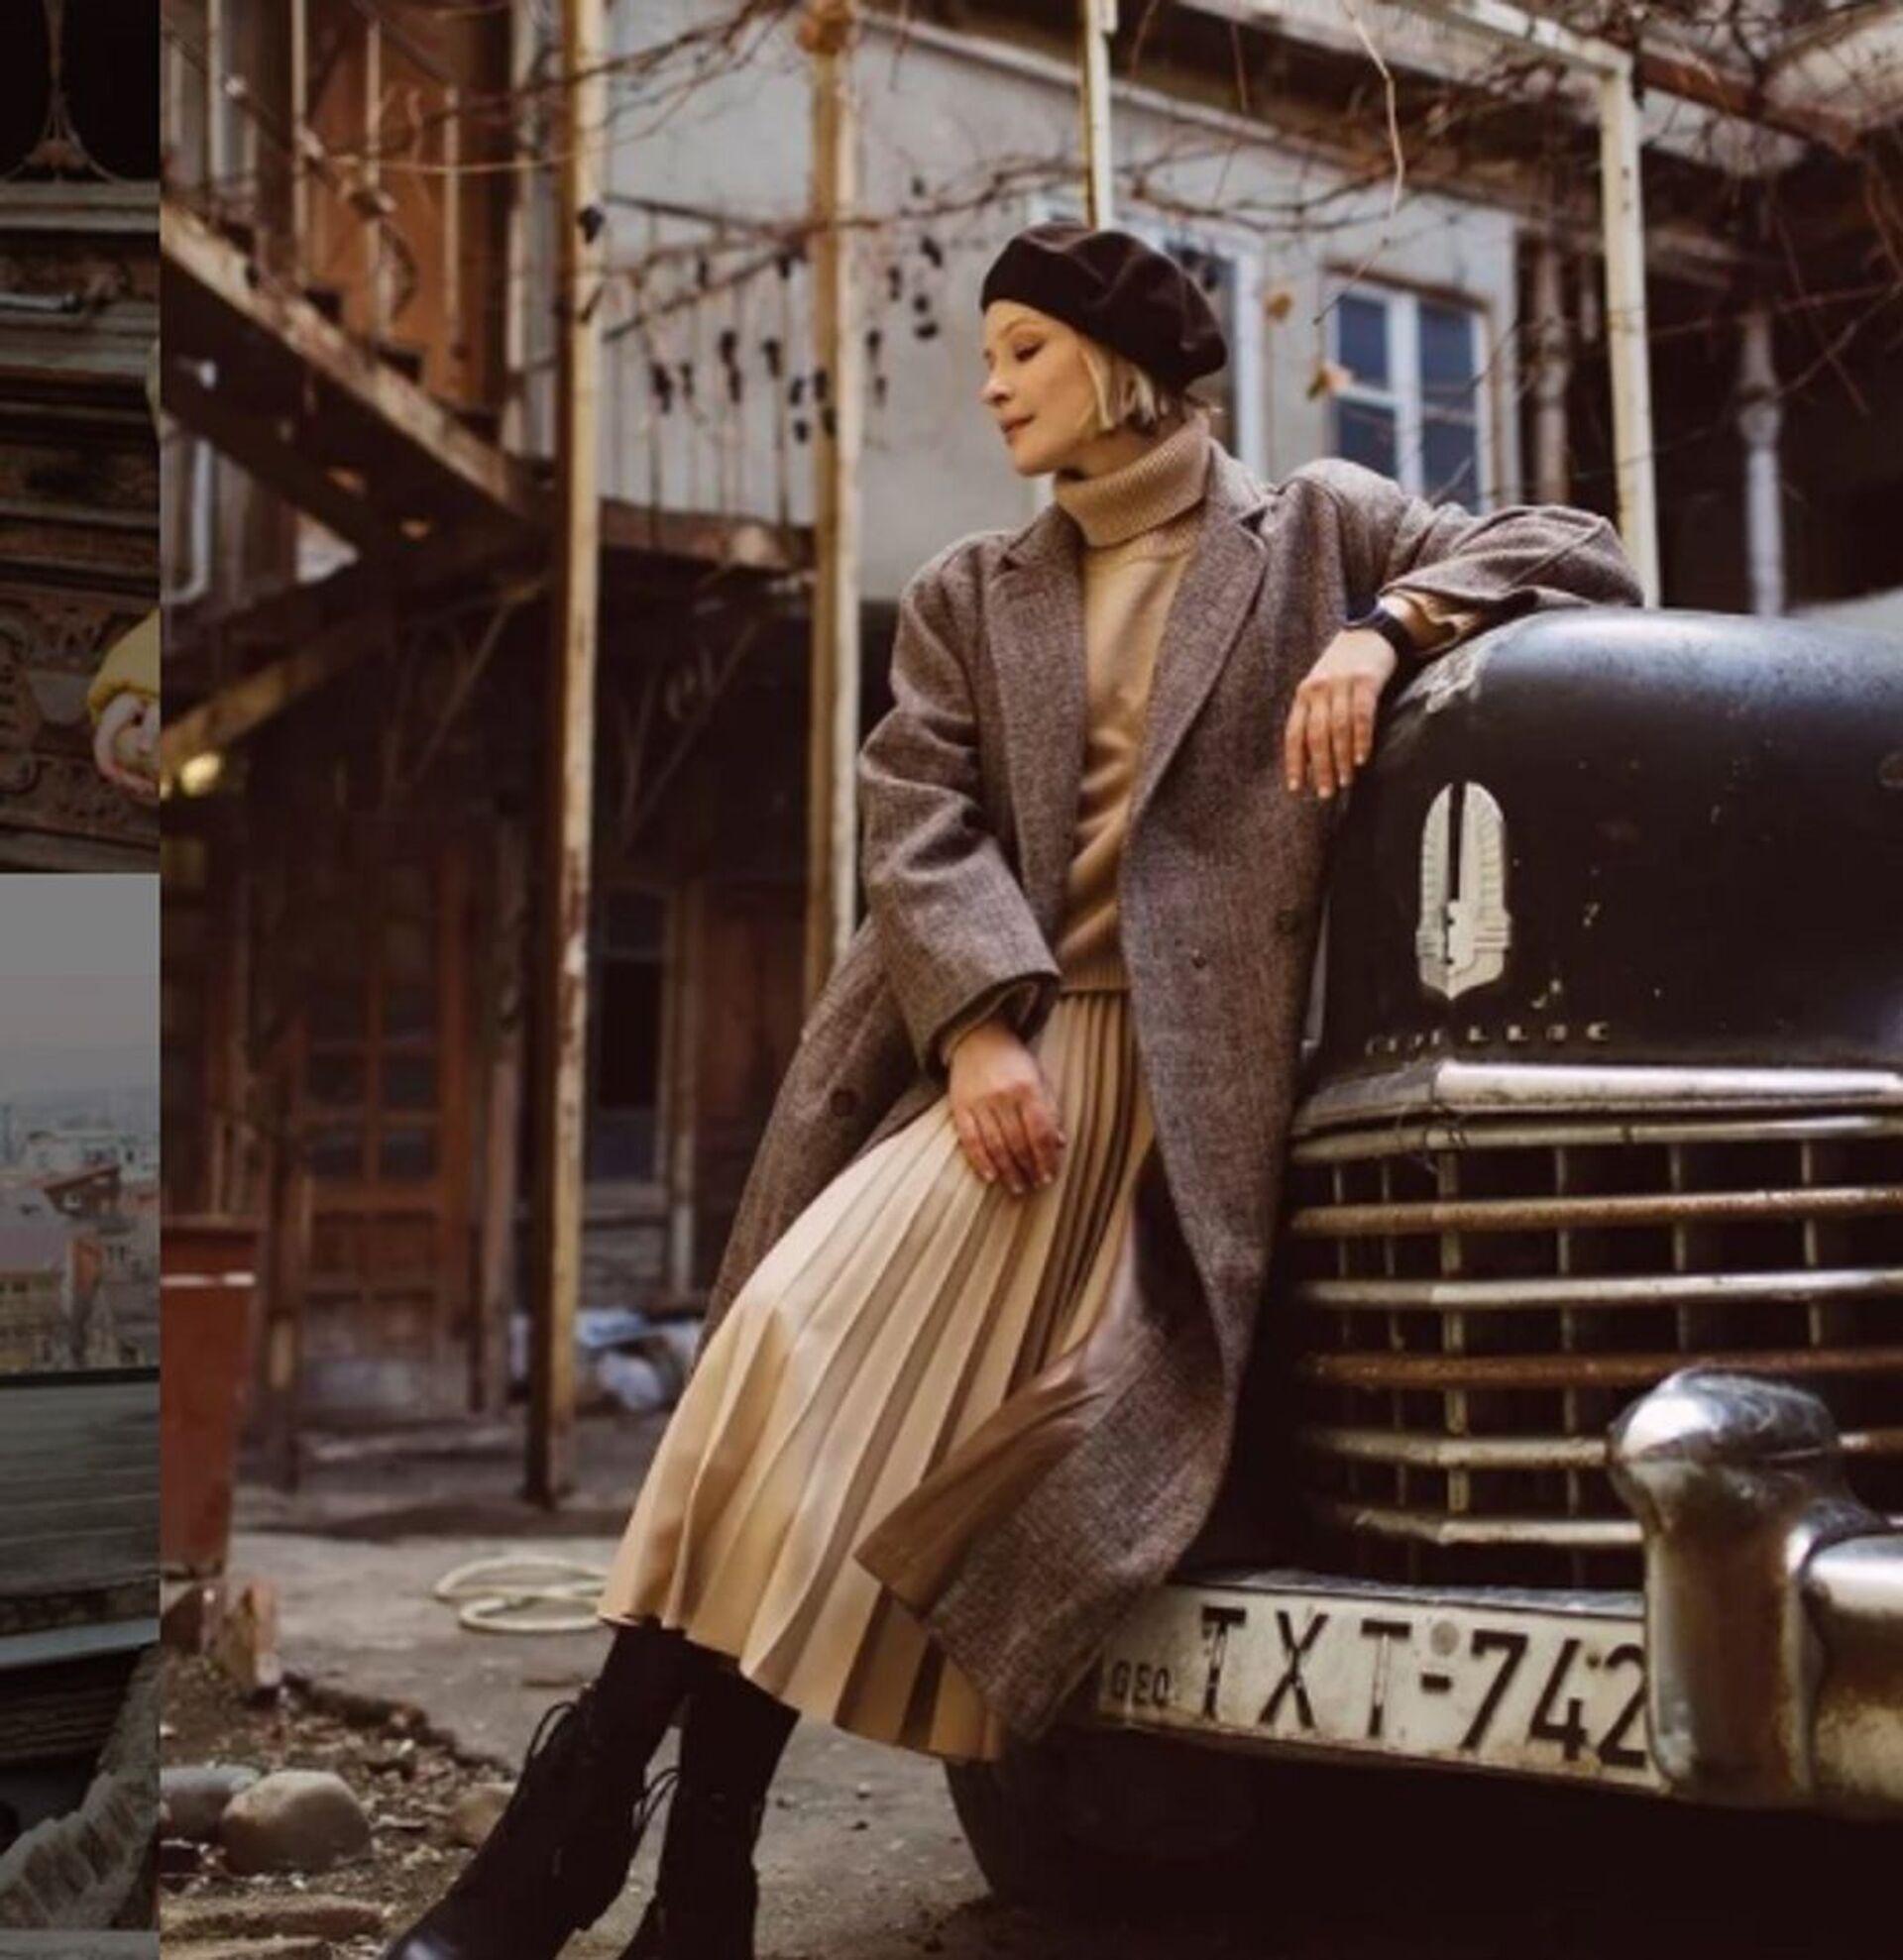 Юлия Пересильд встретила весну в Тбилиси – чего пожелала актриса? - Sputnik Грузия, 1920, 01.03.2021